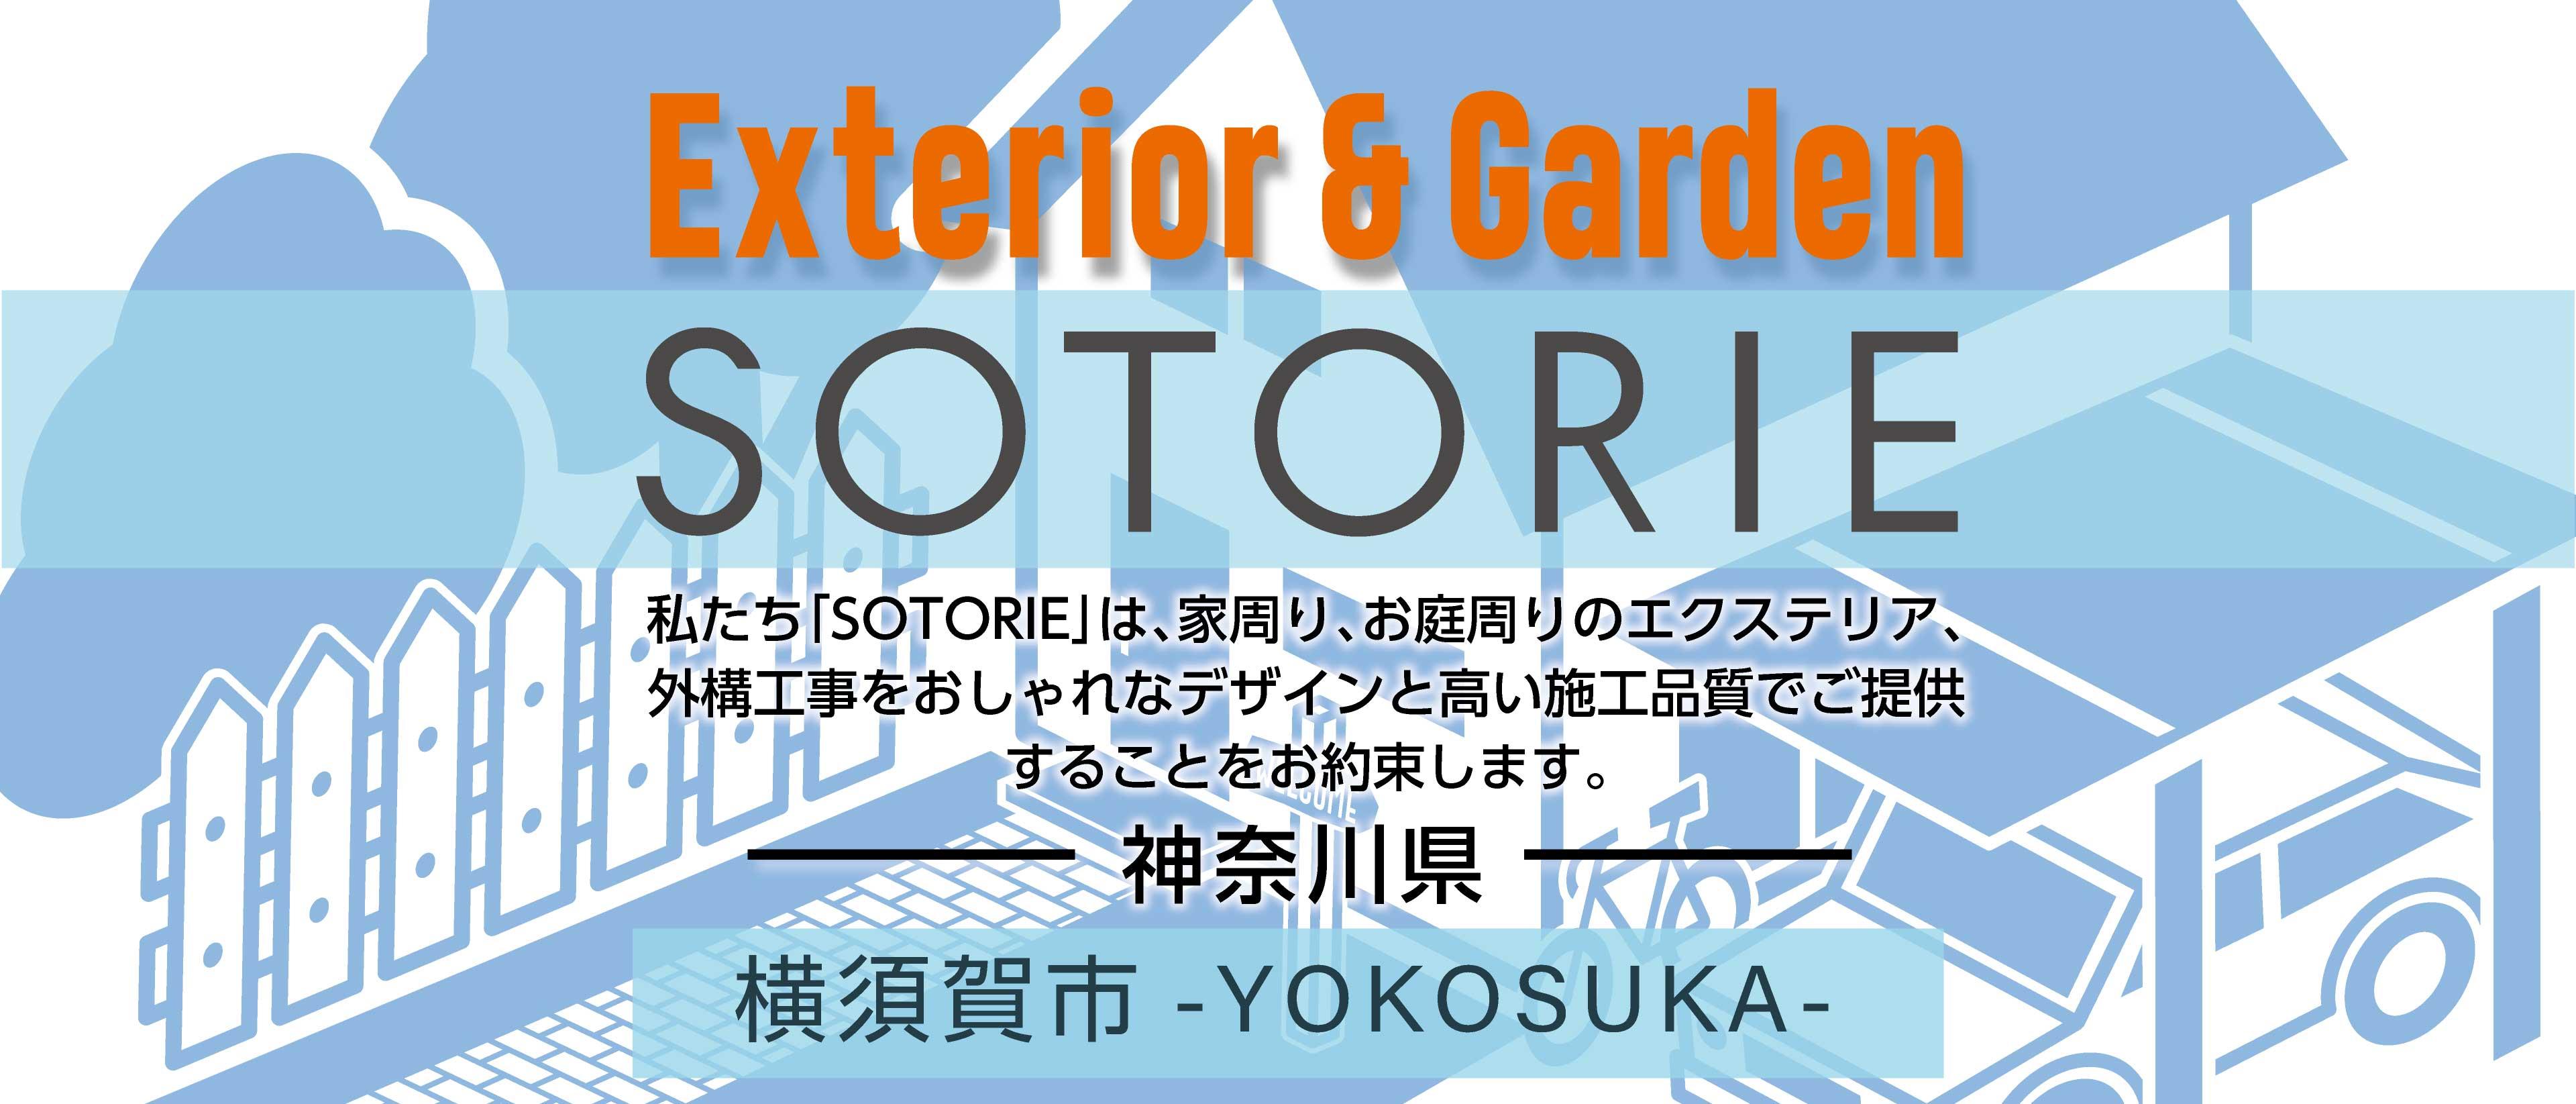 ソトリエ横須賀市では、家周りと庭周りの外構、エクステリア工事をおしゃれなデザインと高い施工品質でご提供することをお約束します。